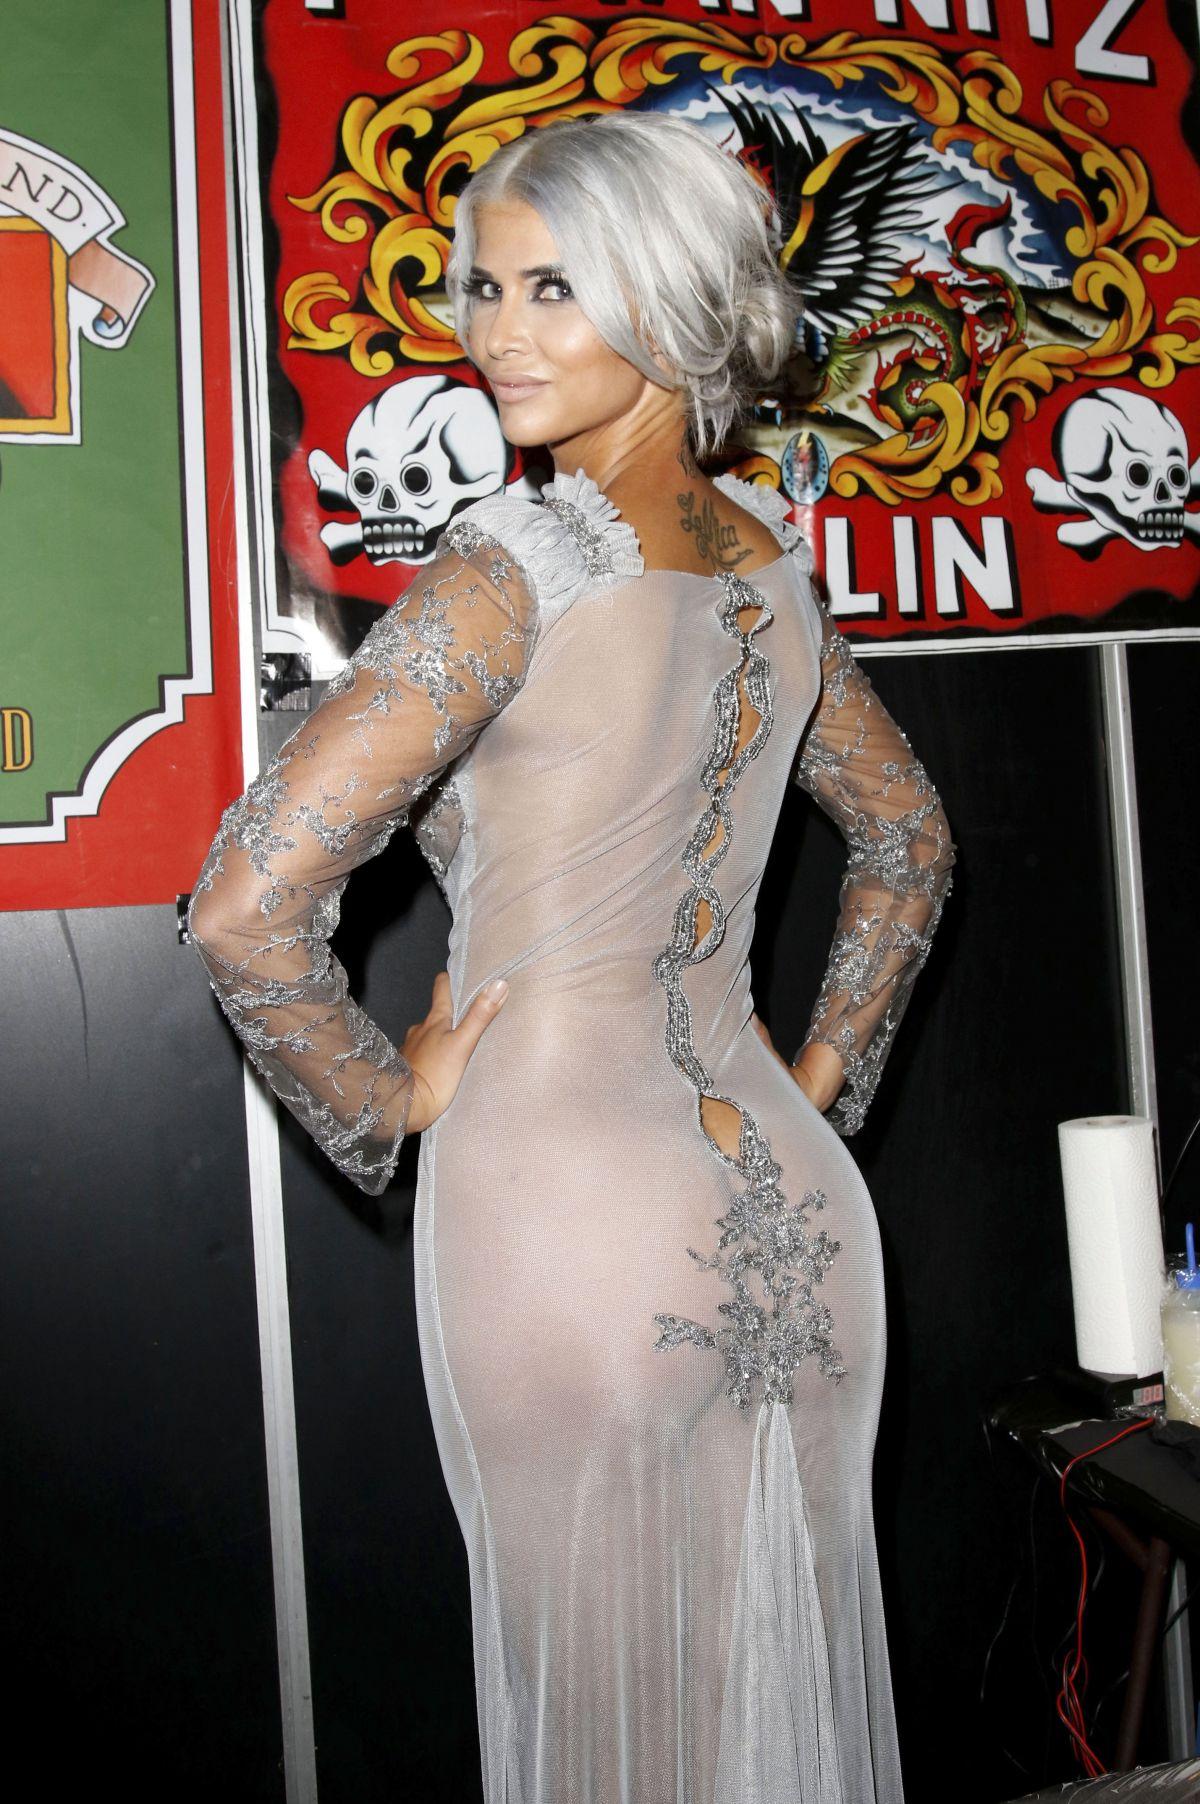 MICAELA SCHAEFER at 19th Venus Erotic Fair in Berlin 10/15/2015